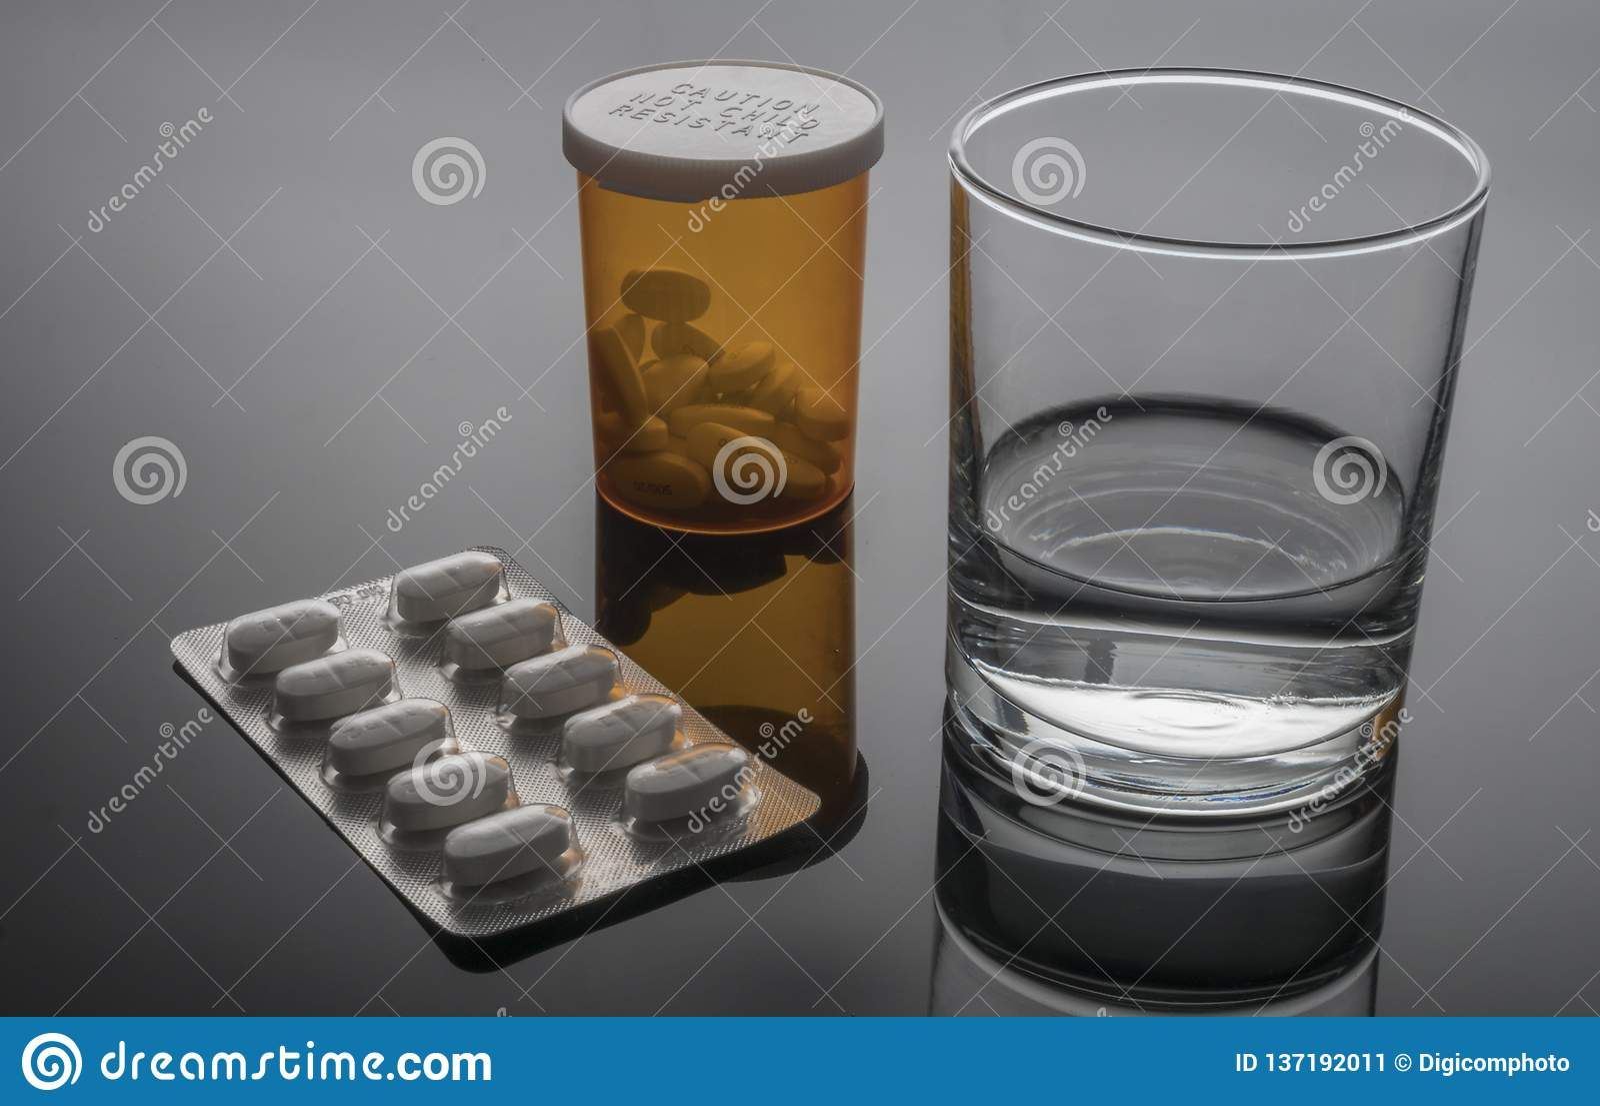 Vidro da água ao lado do bloco de bolha dos comprimidos